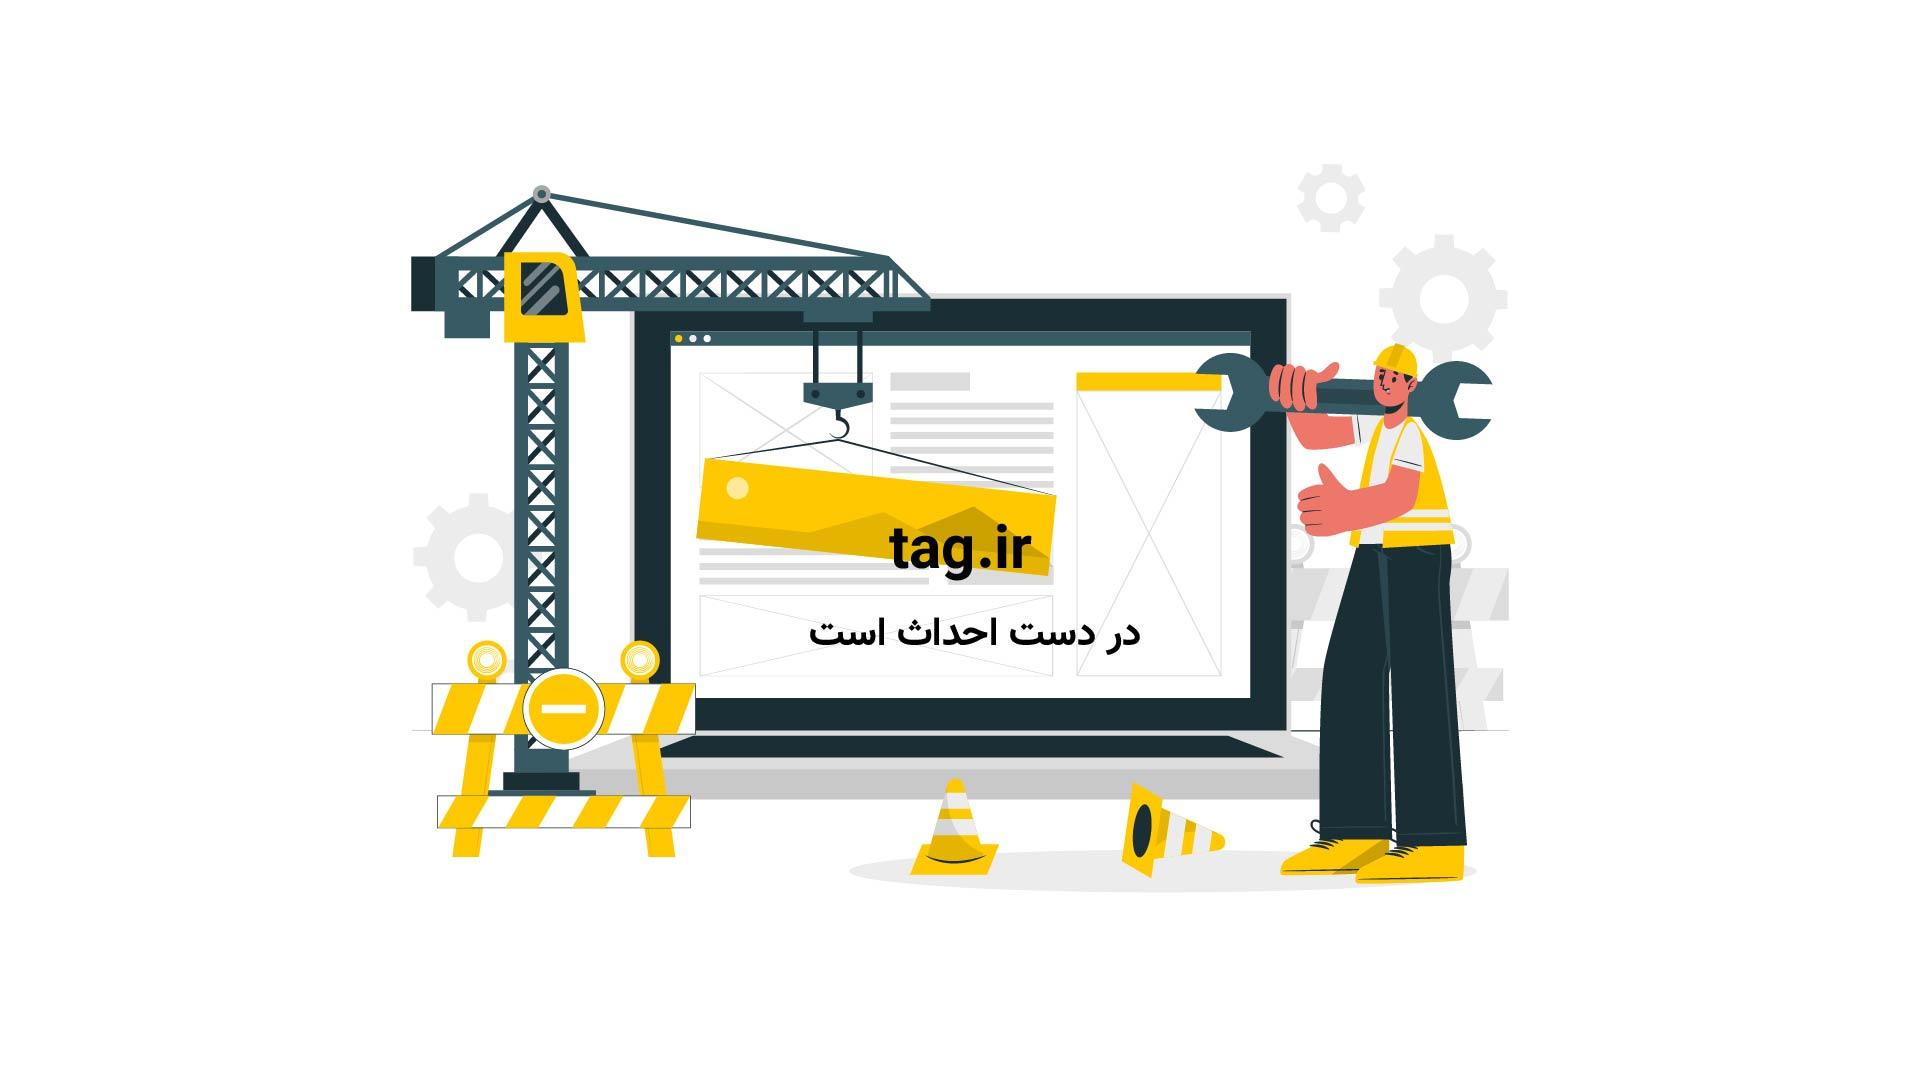 فیلم ترک زمین بازی والیبال پس از شکست مقابل لهستان؛ المپیک ریو